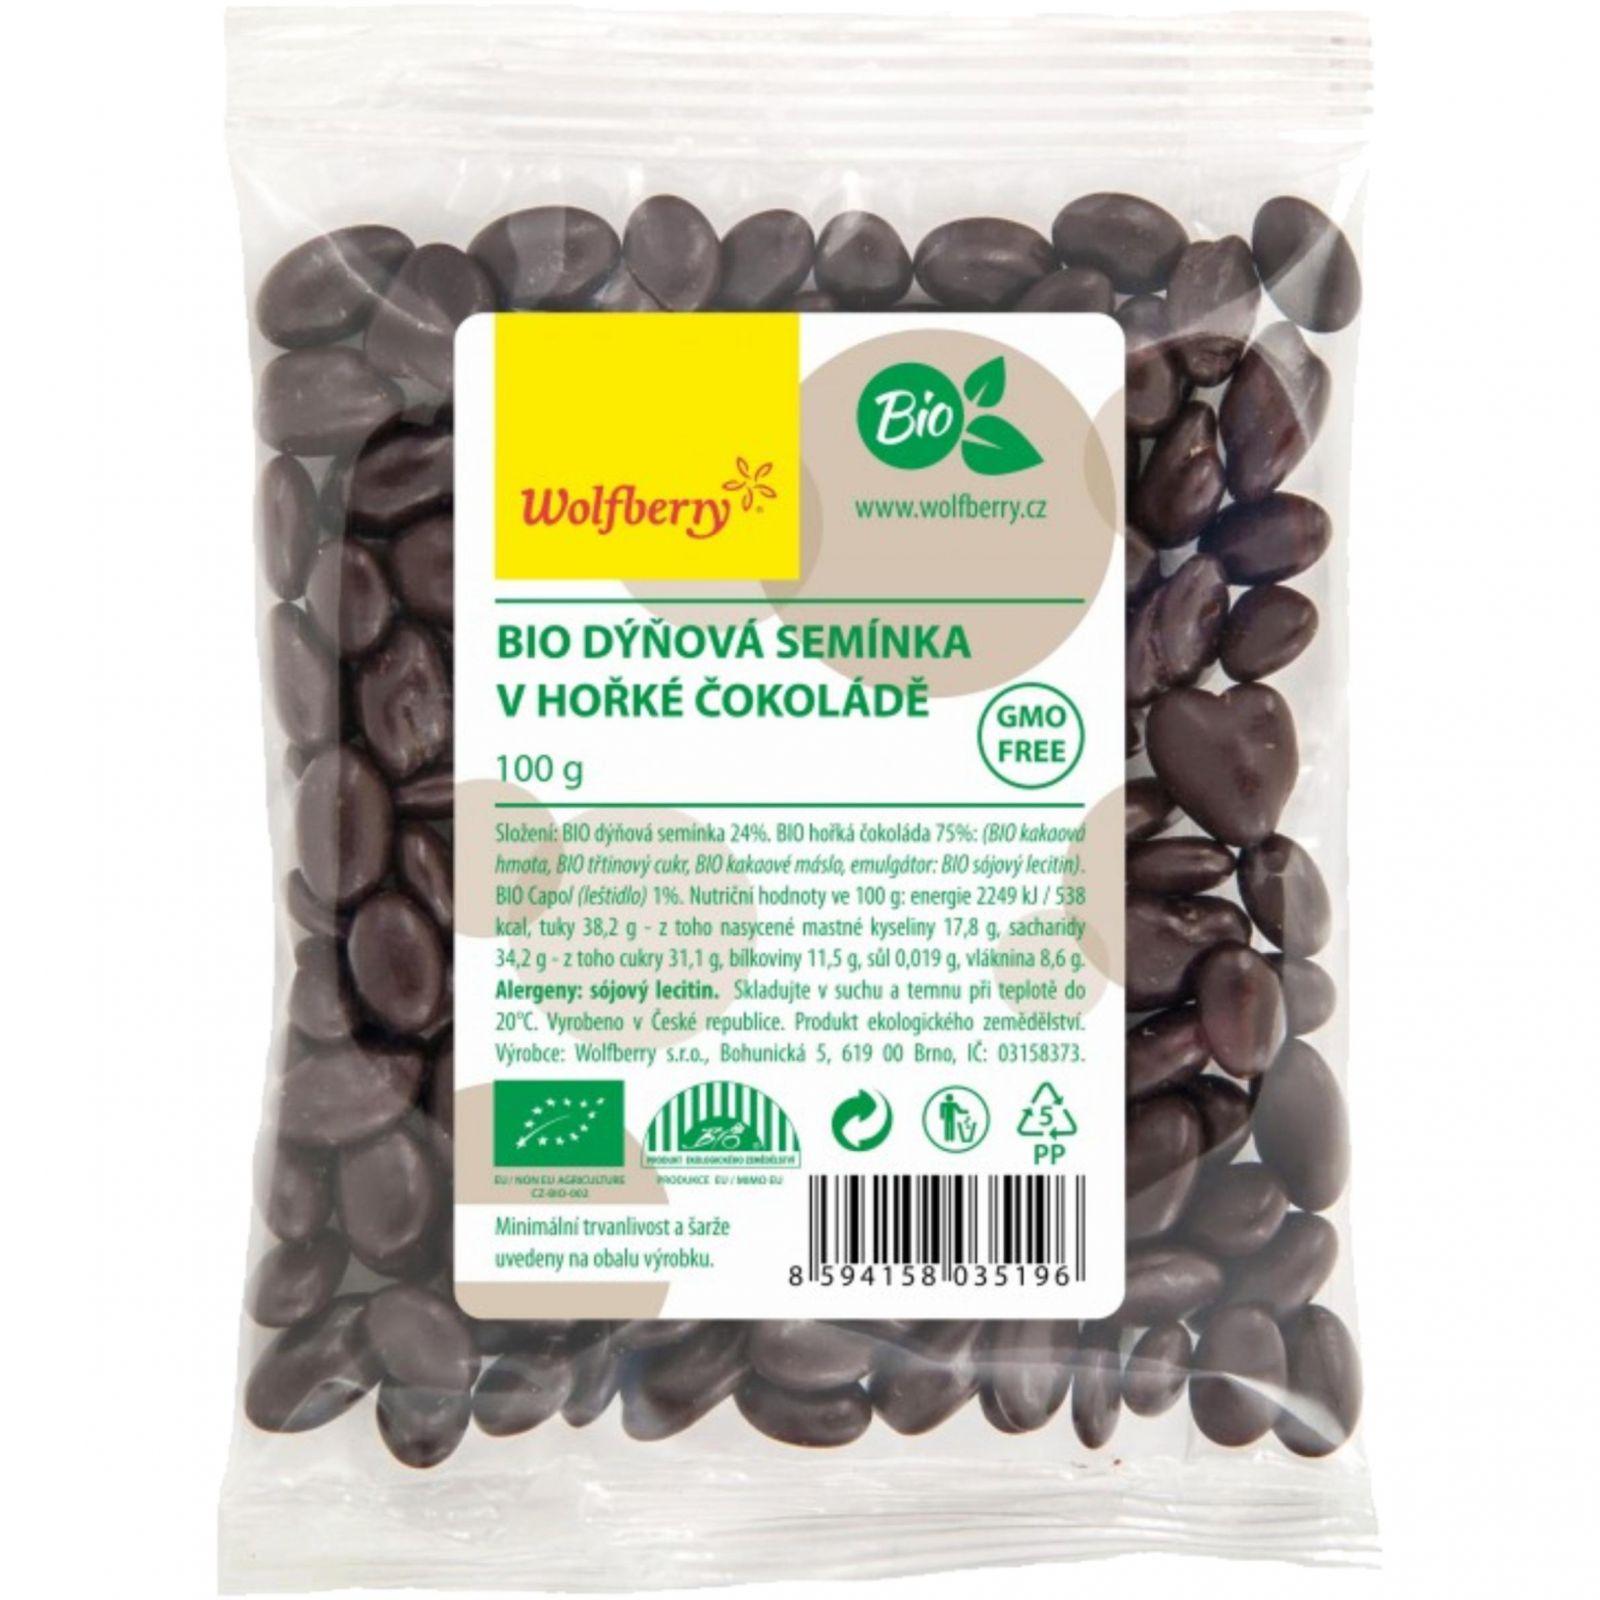 Wolfberry Dýňové semínko BIO v hořké čokoládě 100 g